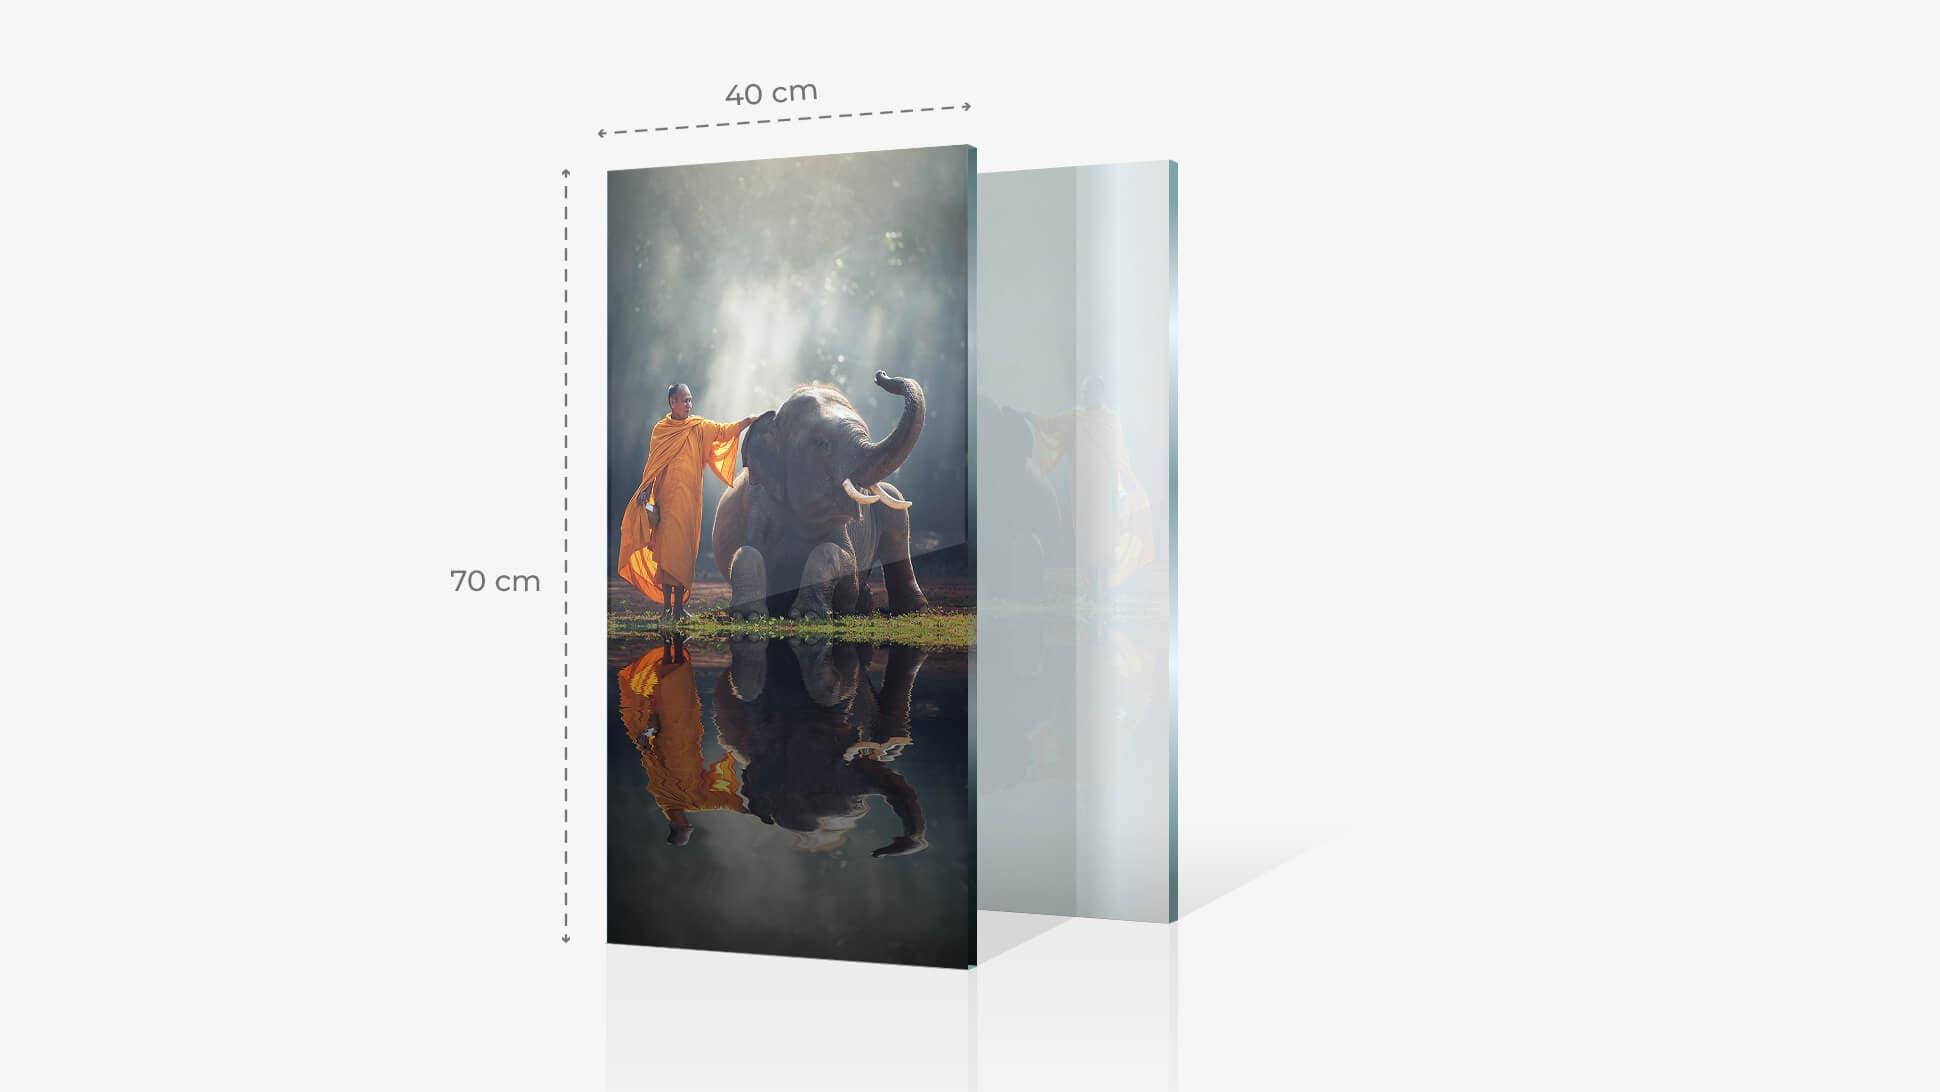 Foto su vetro acrilico 40x70 cm con grafica | tictac.it